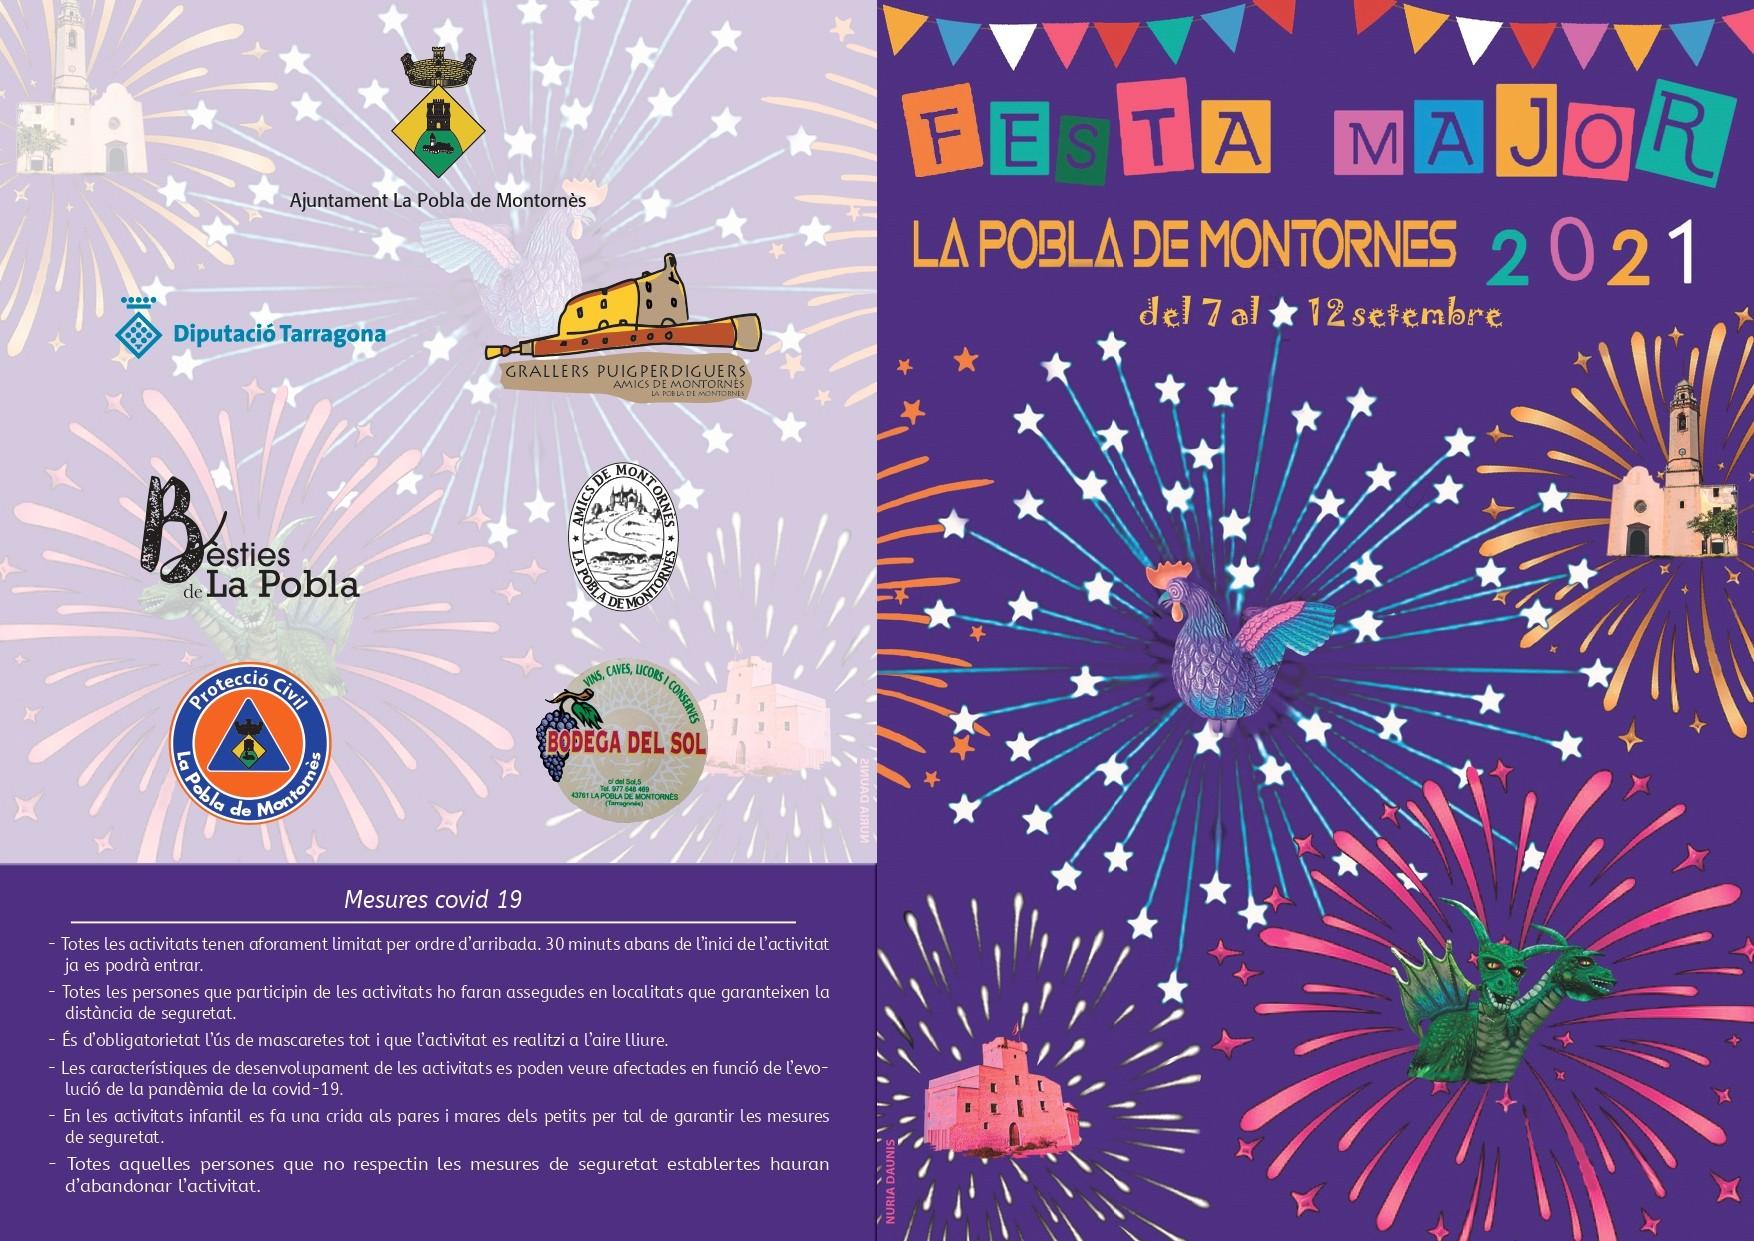 Programa de la Festa Major de la Pobla de Montornès 2021